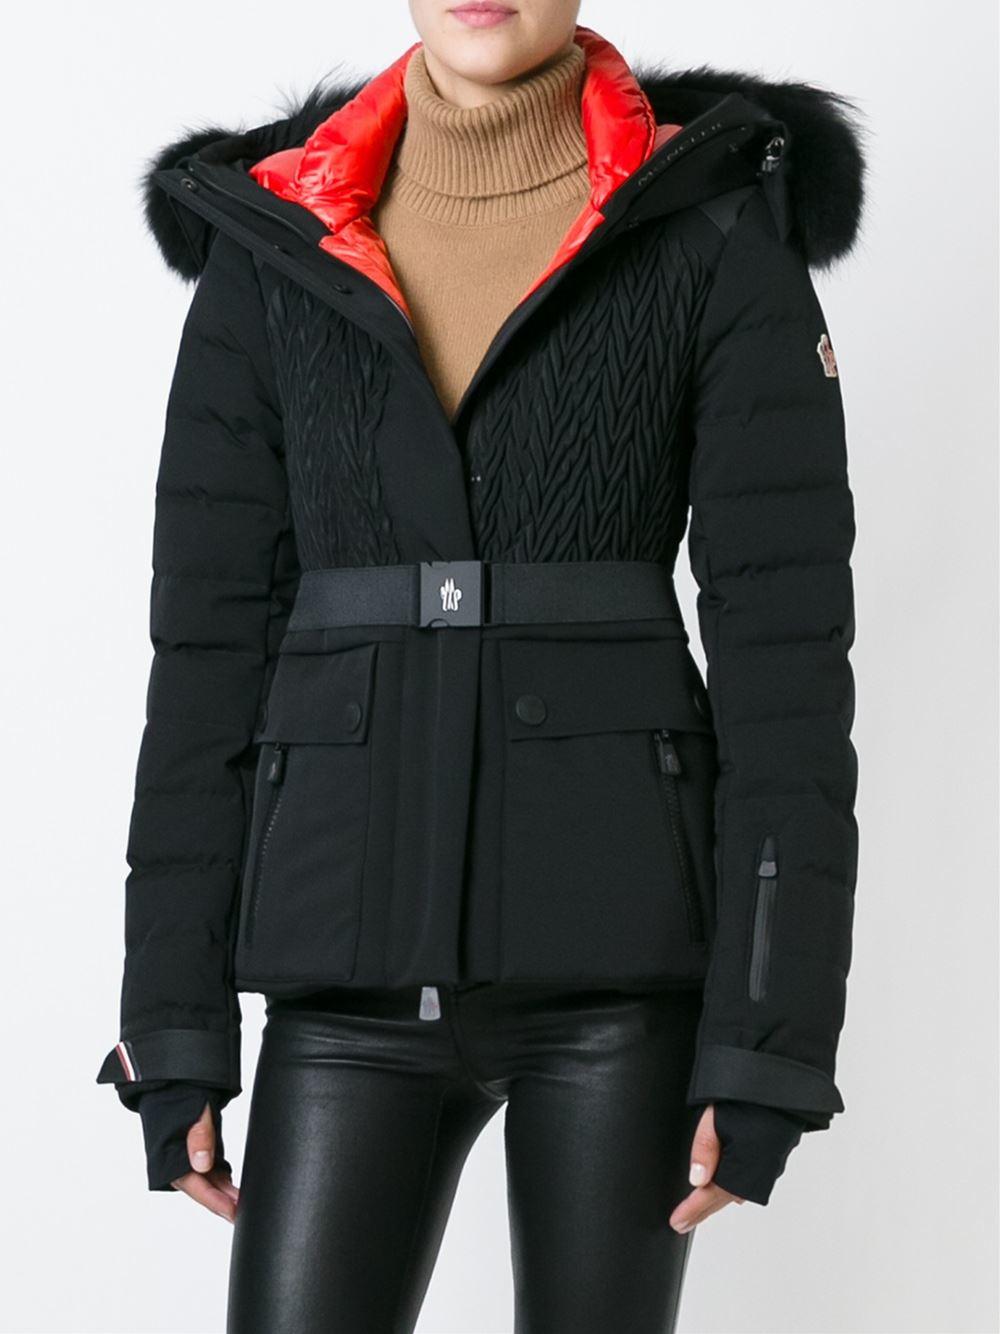 07c8b7130 wholesale moncler grenoble fur jacket 29d82 6de3a